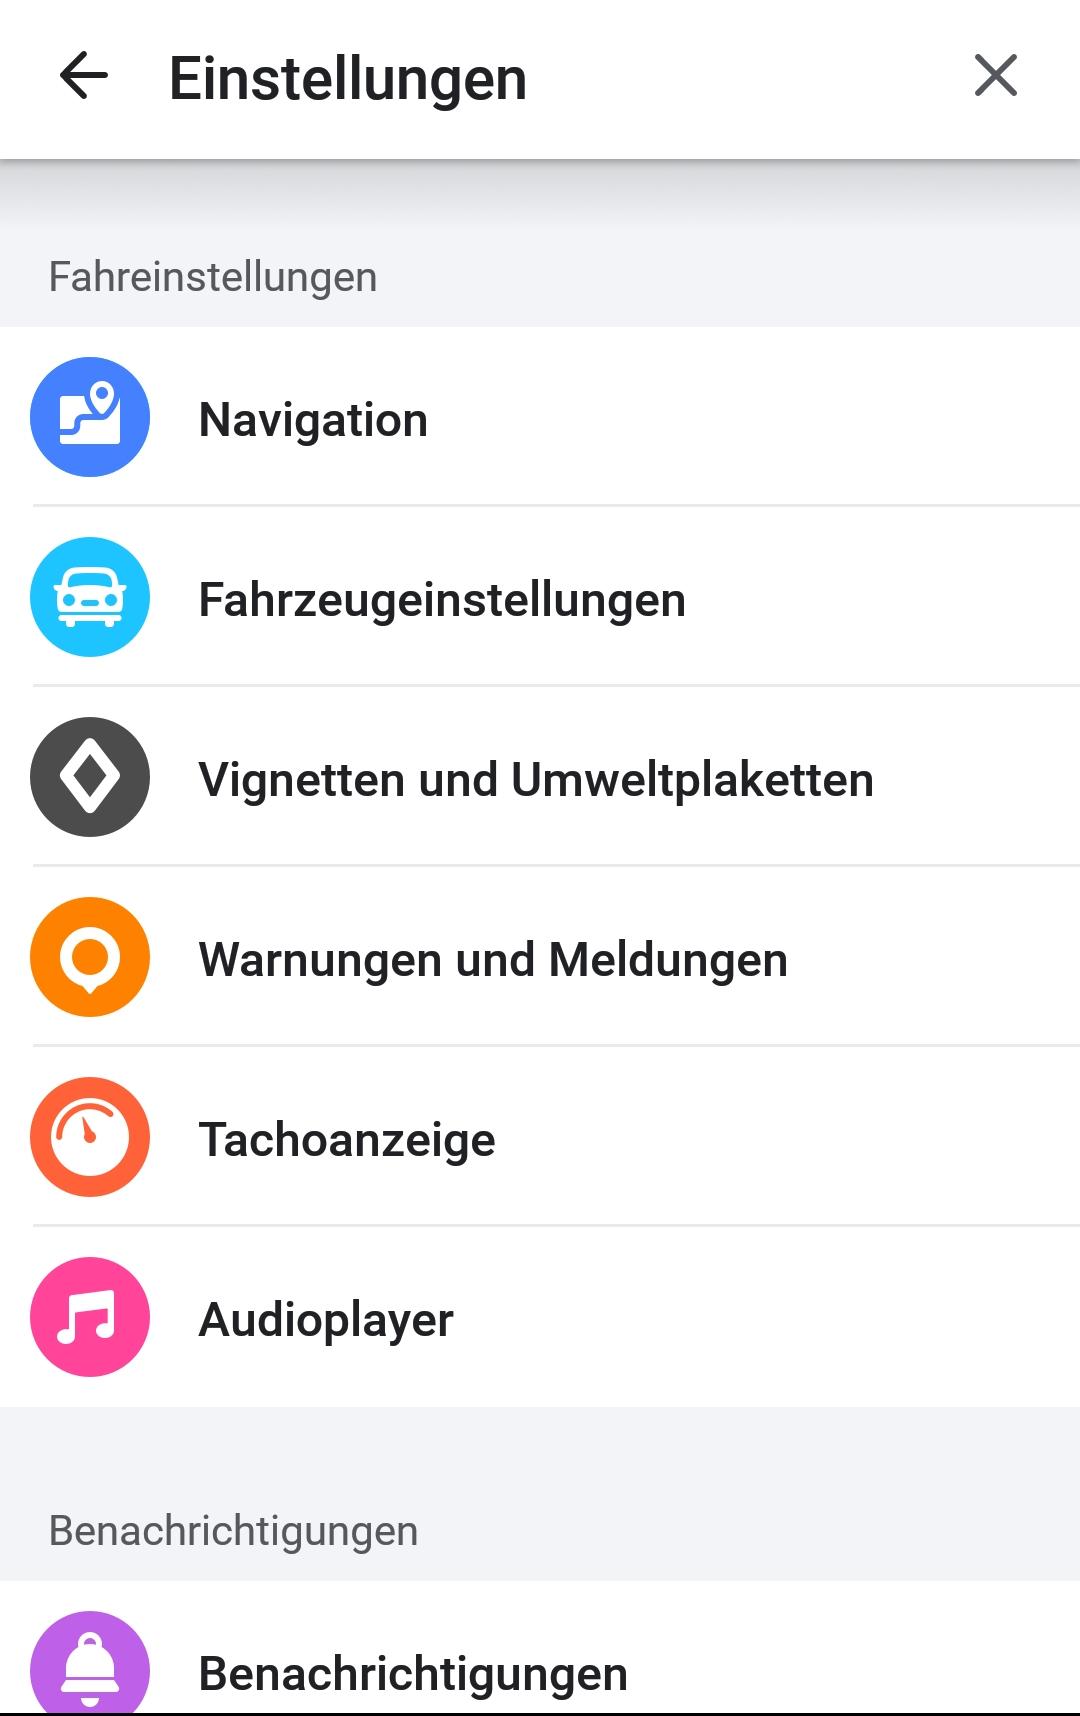 Screenshot Einstellungen mit bunten Icons